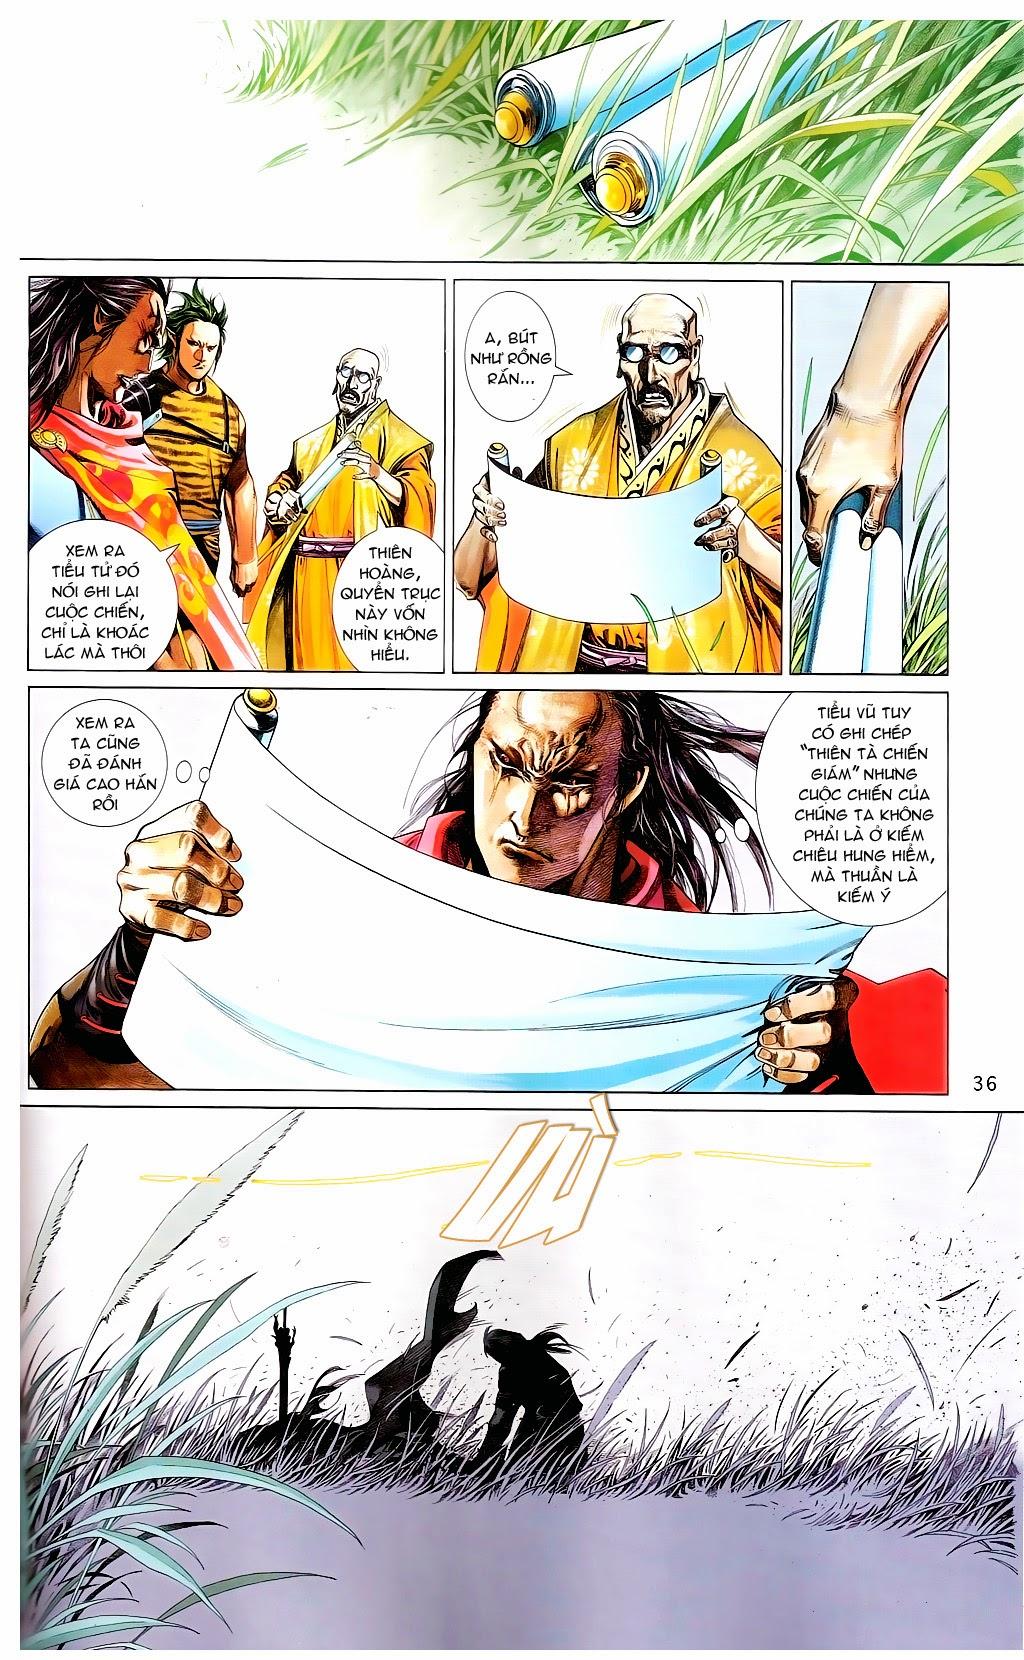 Phong Vân Chap 665 - Trang 35